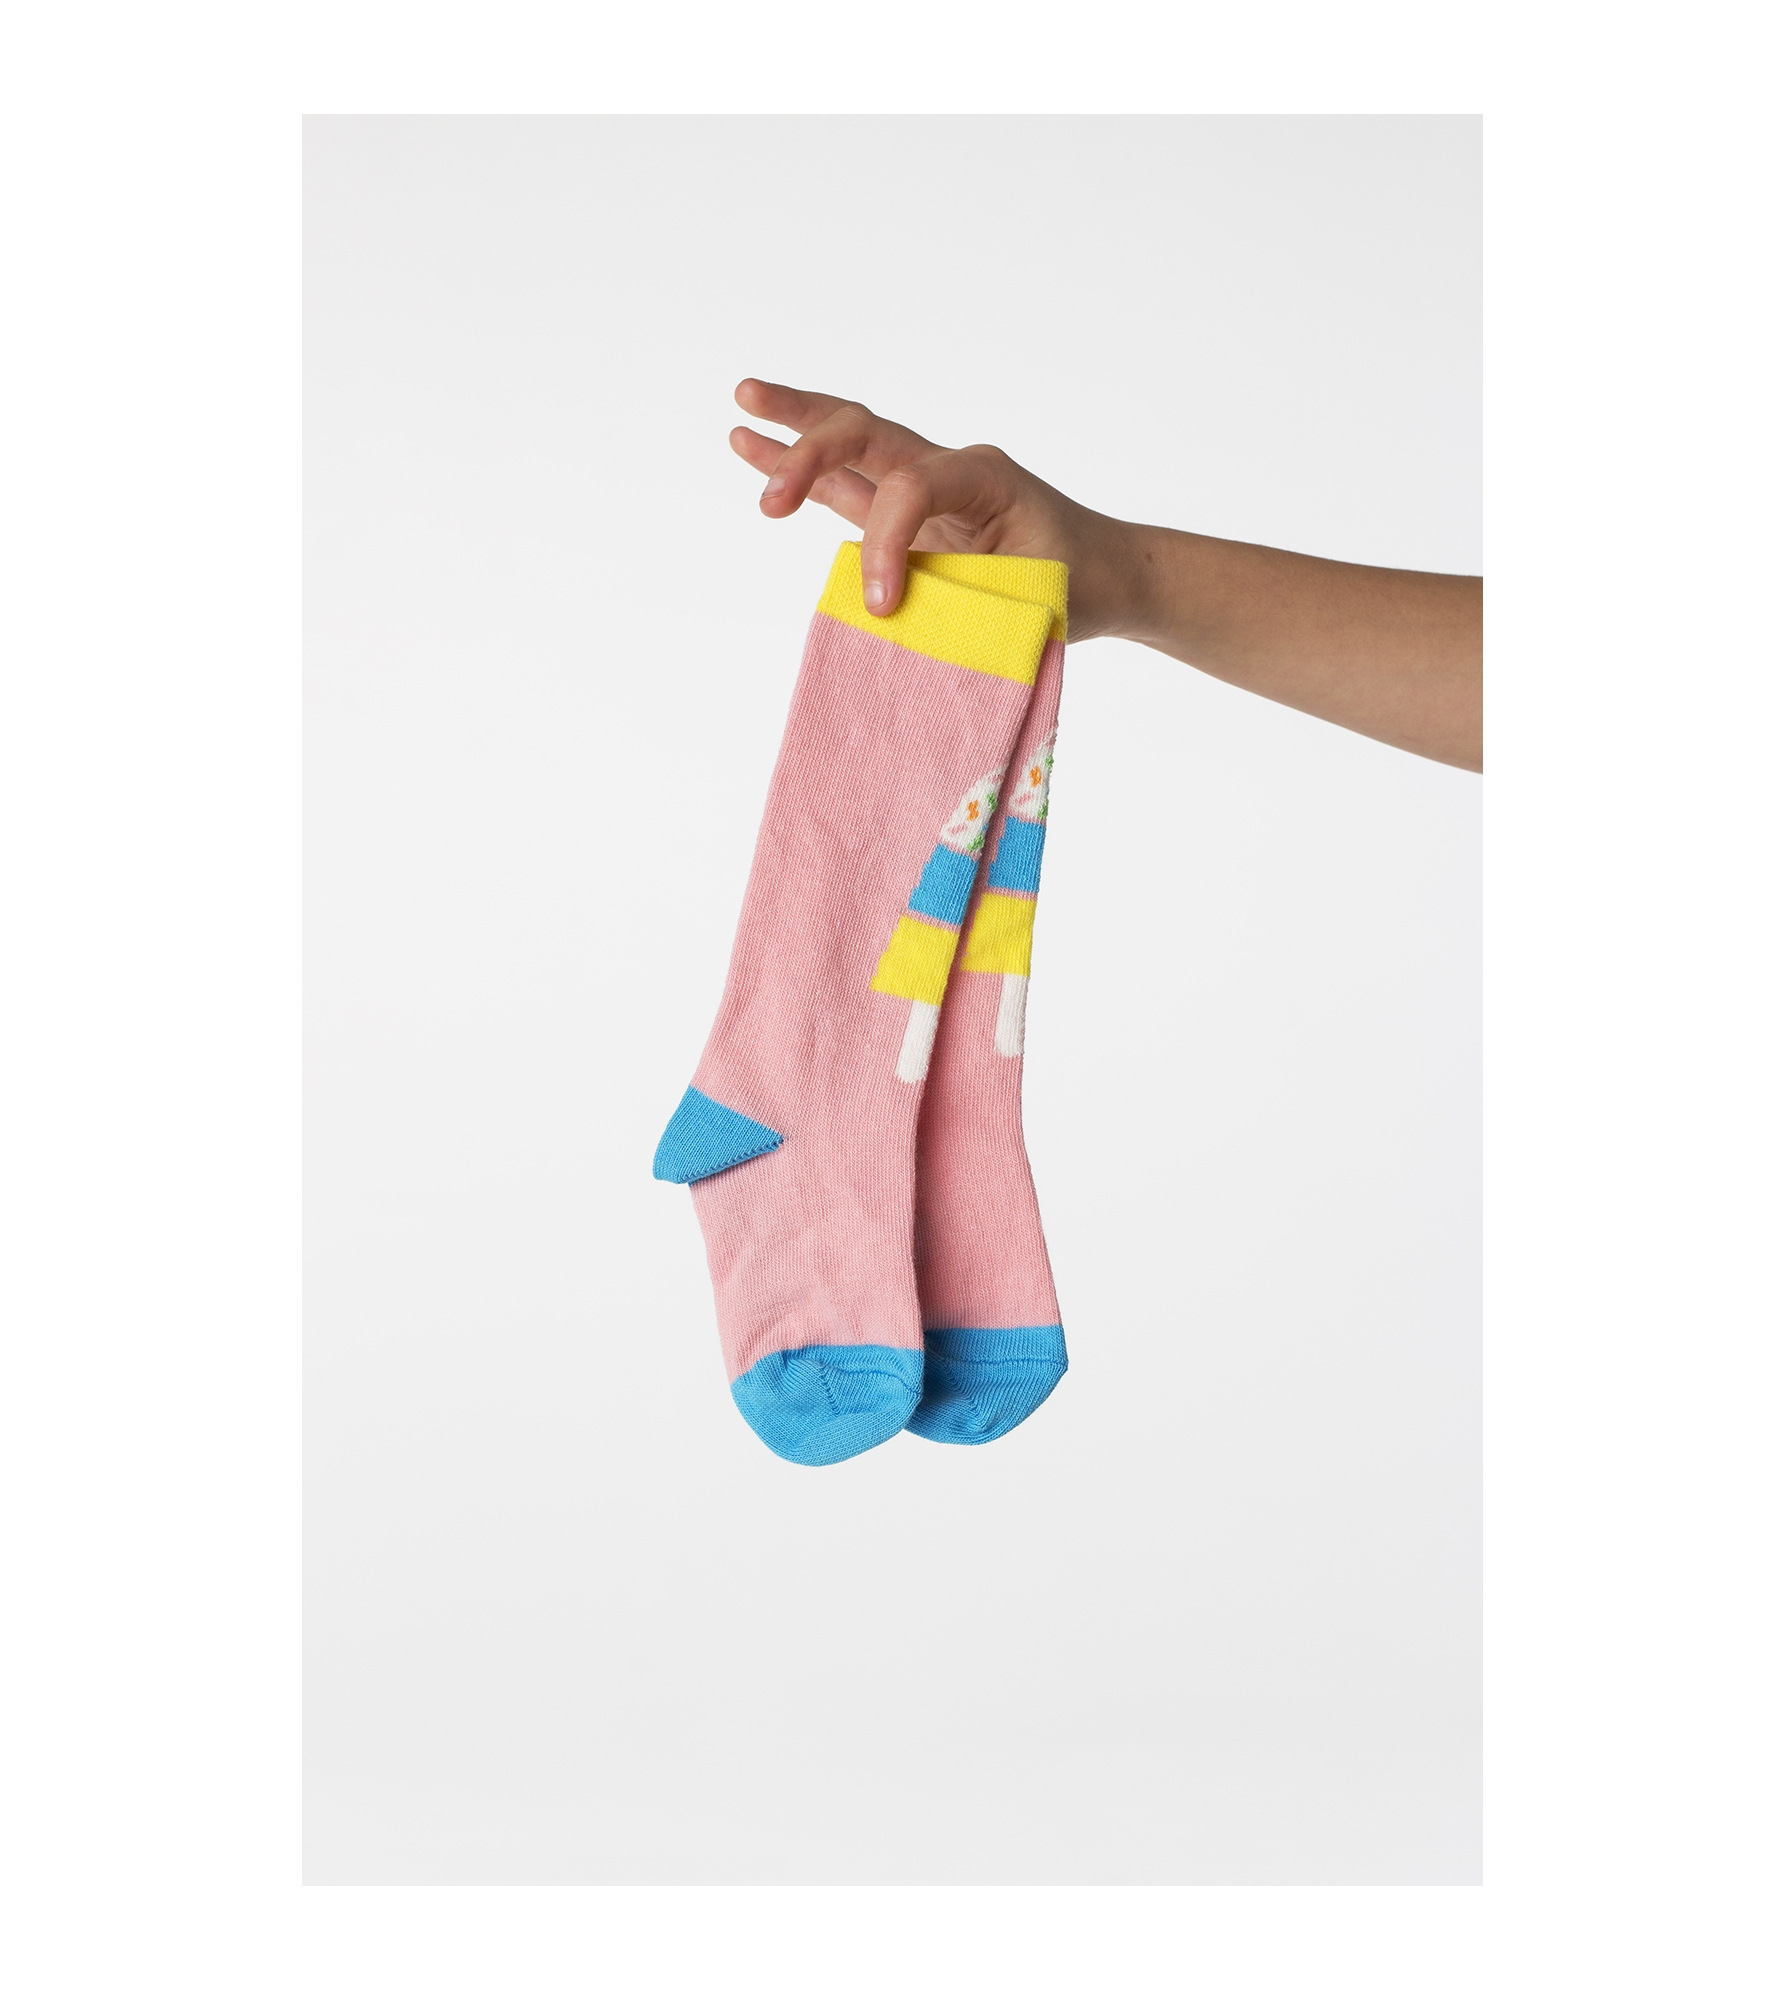 Braveling_Lolly Socks_flatshot.jpg